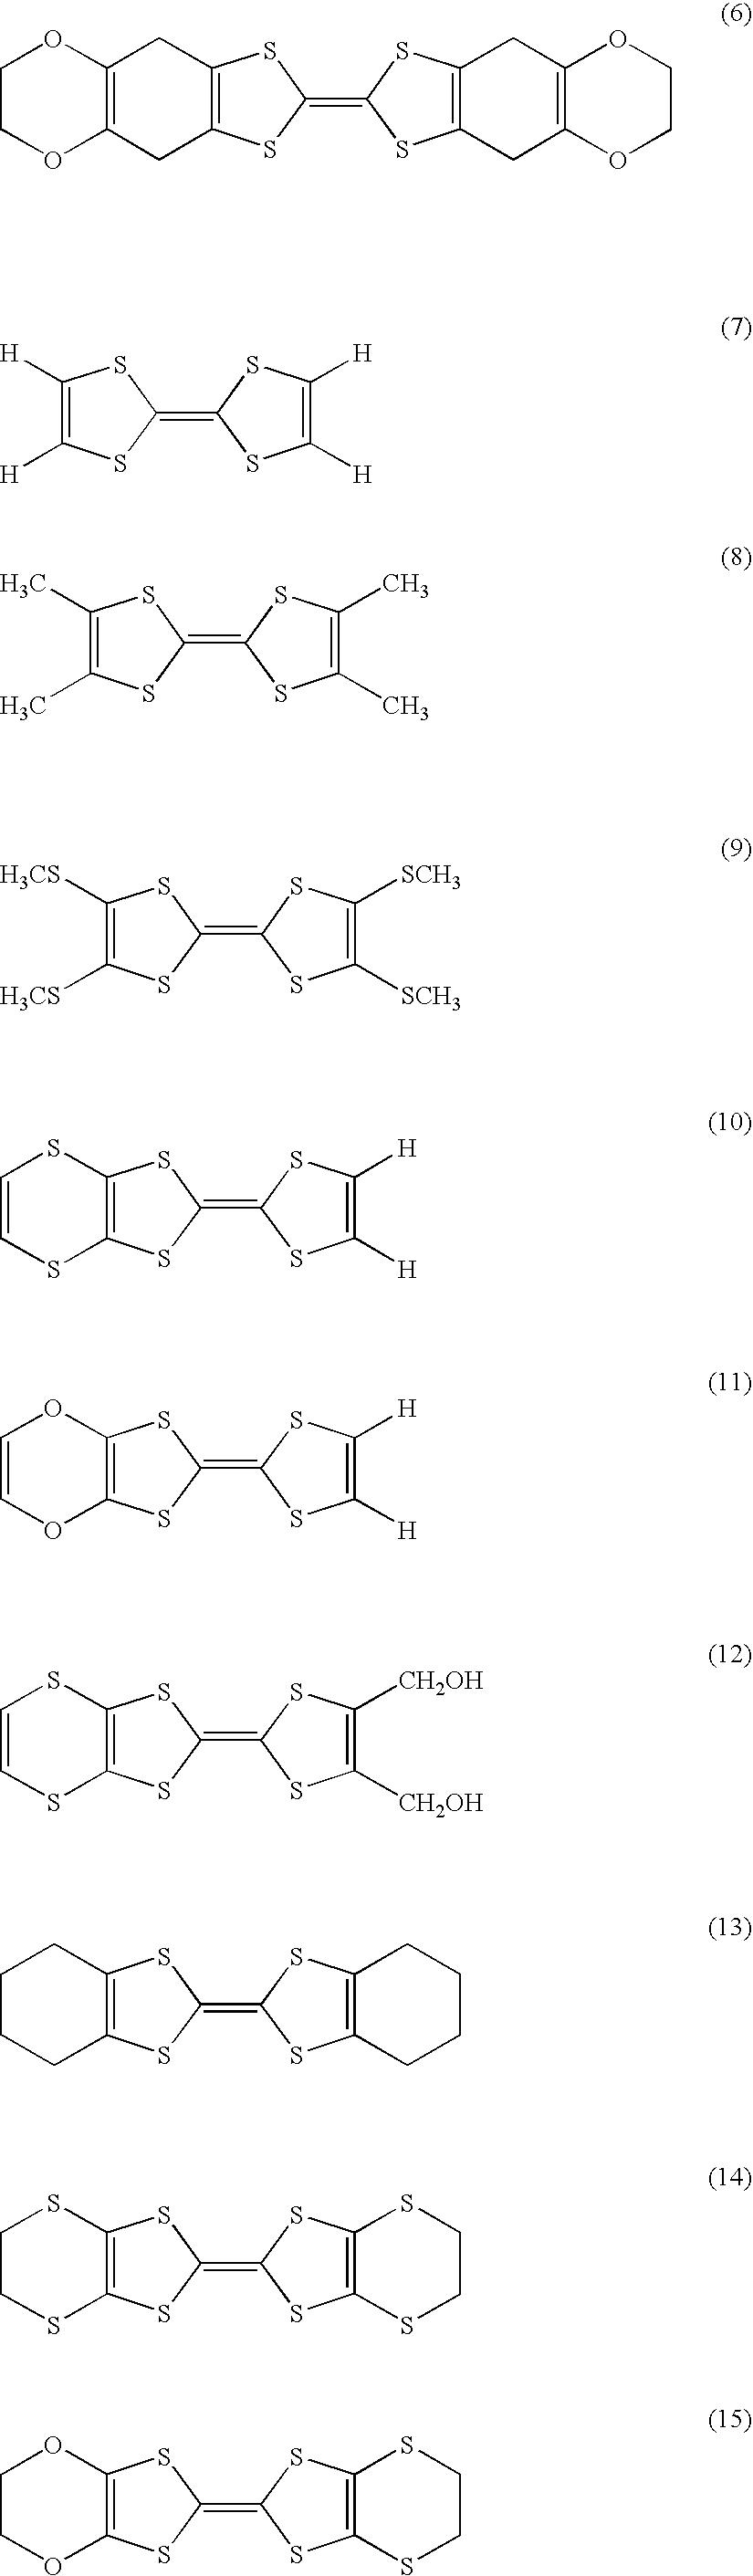 Figure US07282298-20071016-C00009